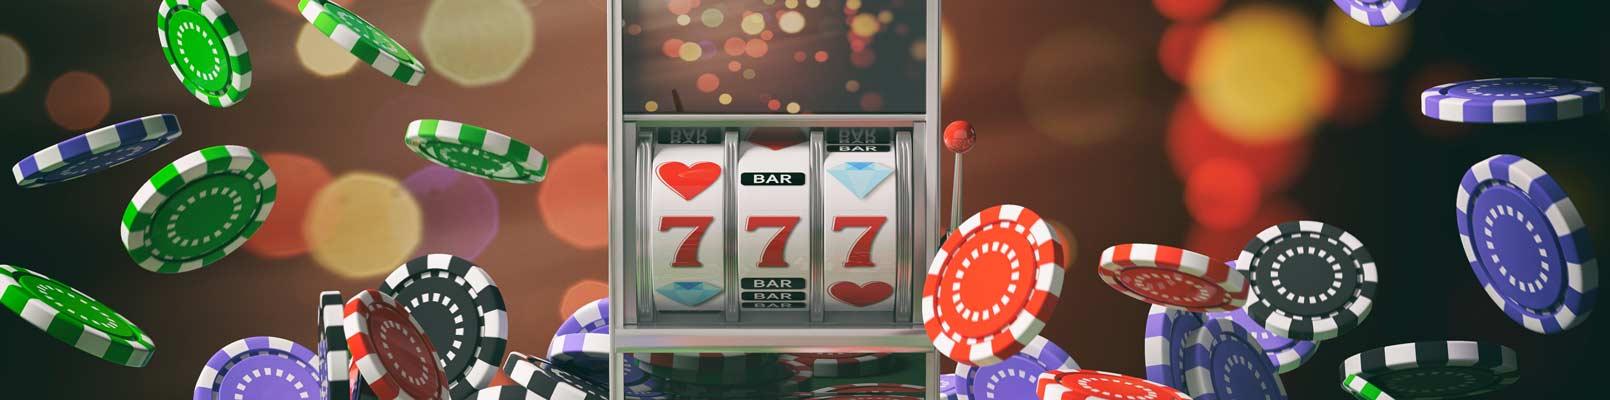 joaca la casino online profitabil